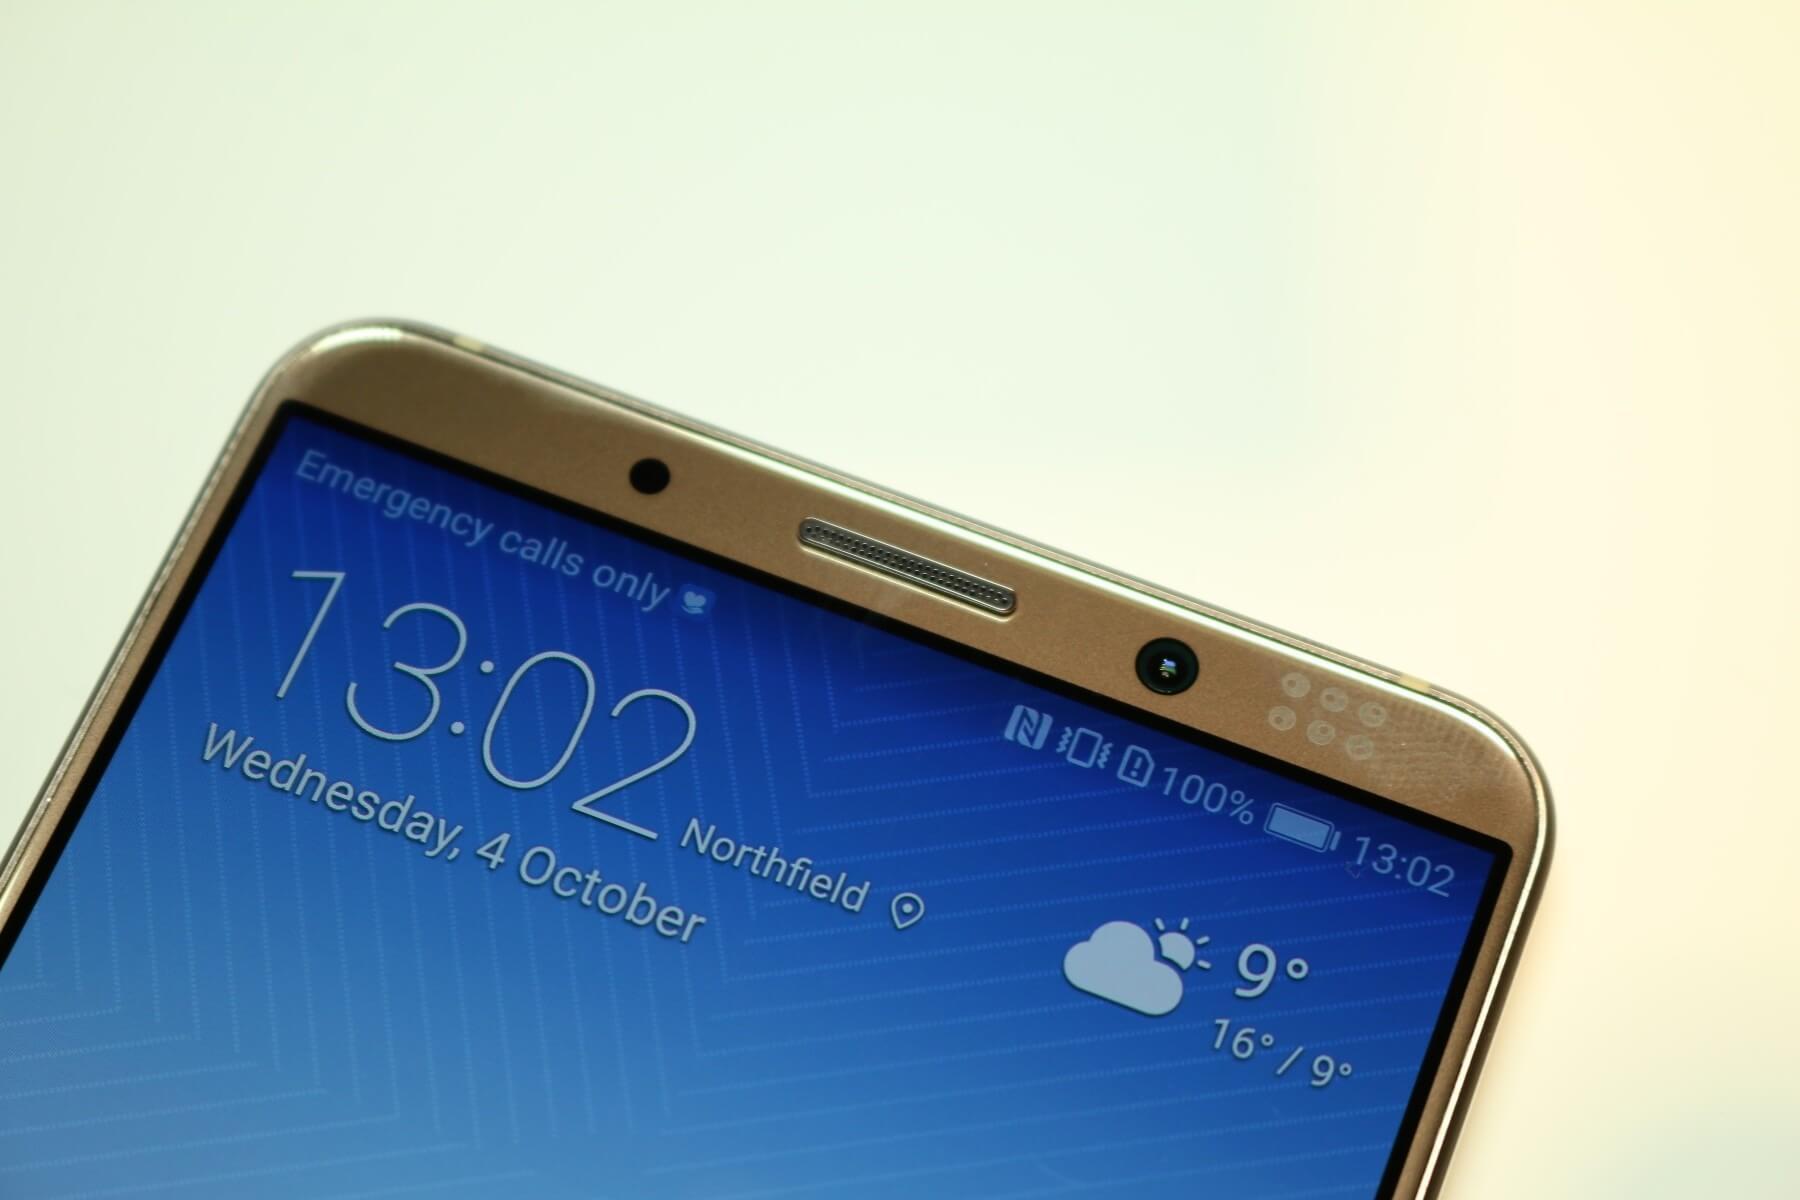 Das Huawei Mate 10 Pro Im Vergleich Mit Dem Samsung Galaxy Note 8